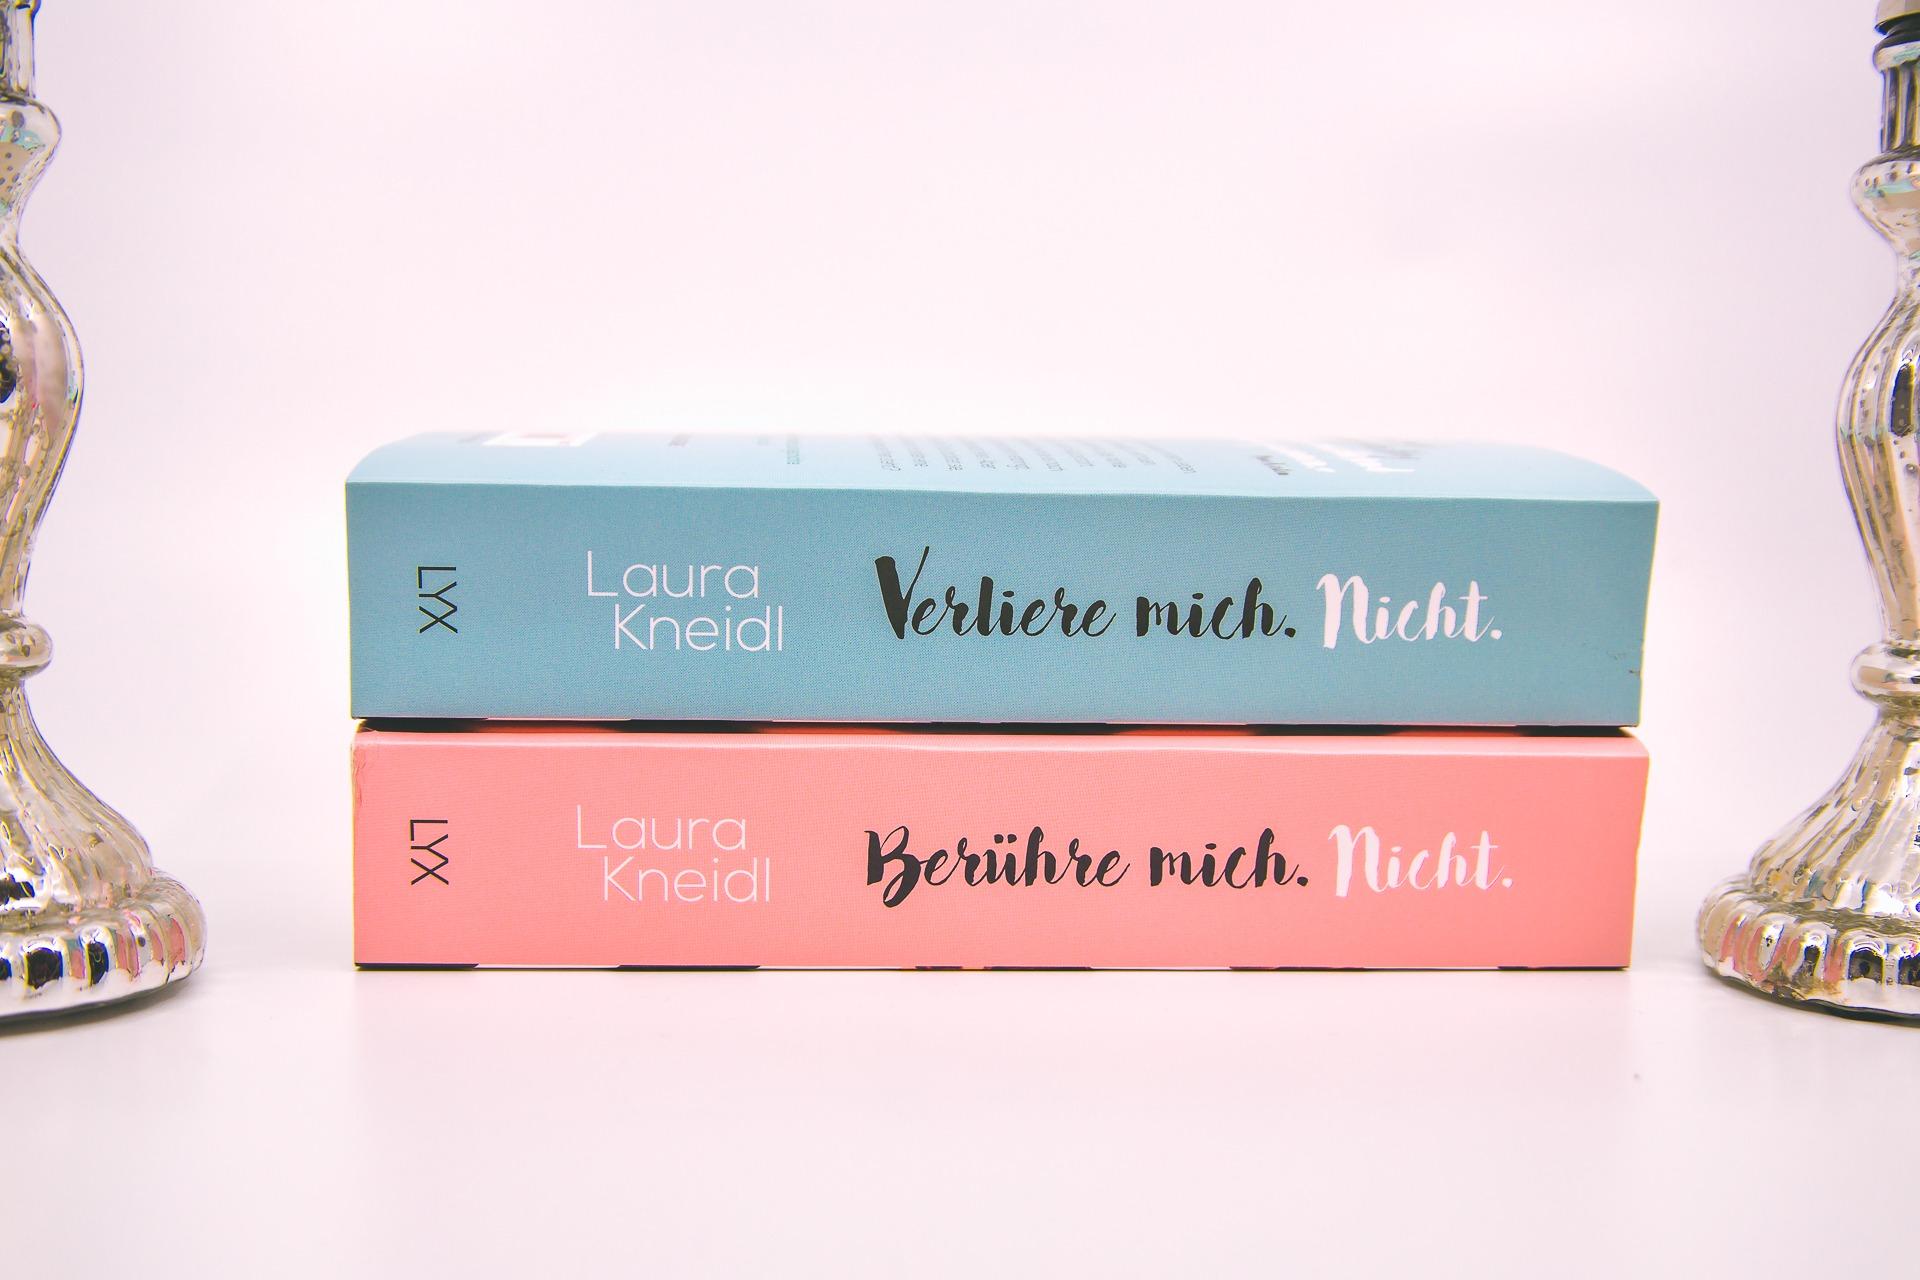 """""""Verliere mich. Nicht."""" & """"Berühre mich. Nicht."""" - Laura Kneidl"""